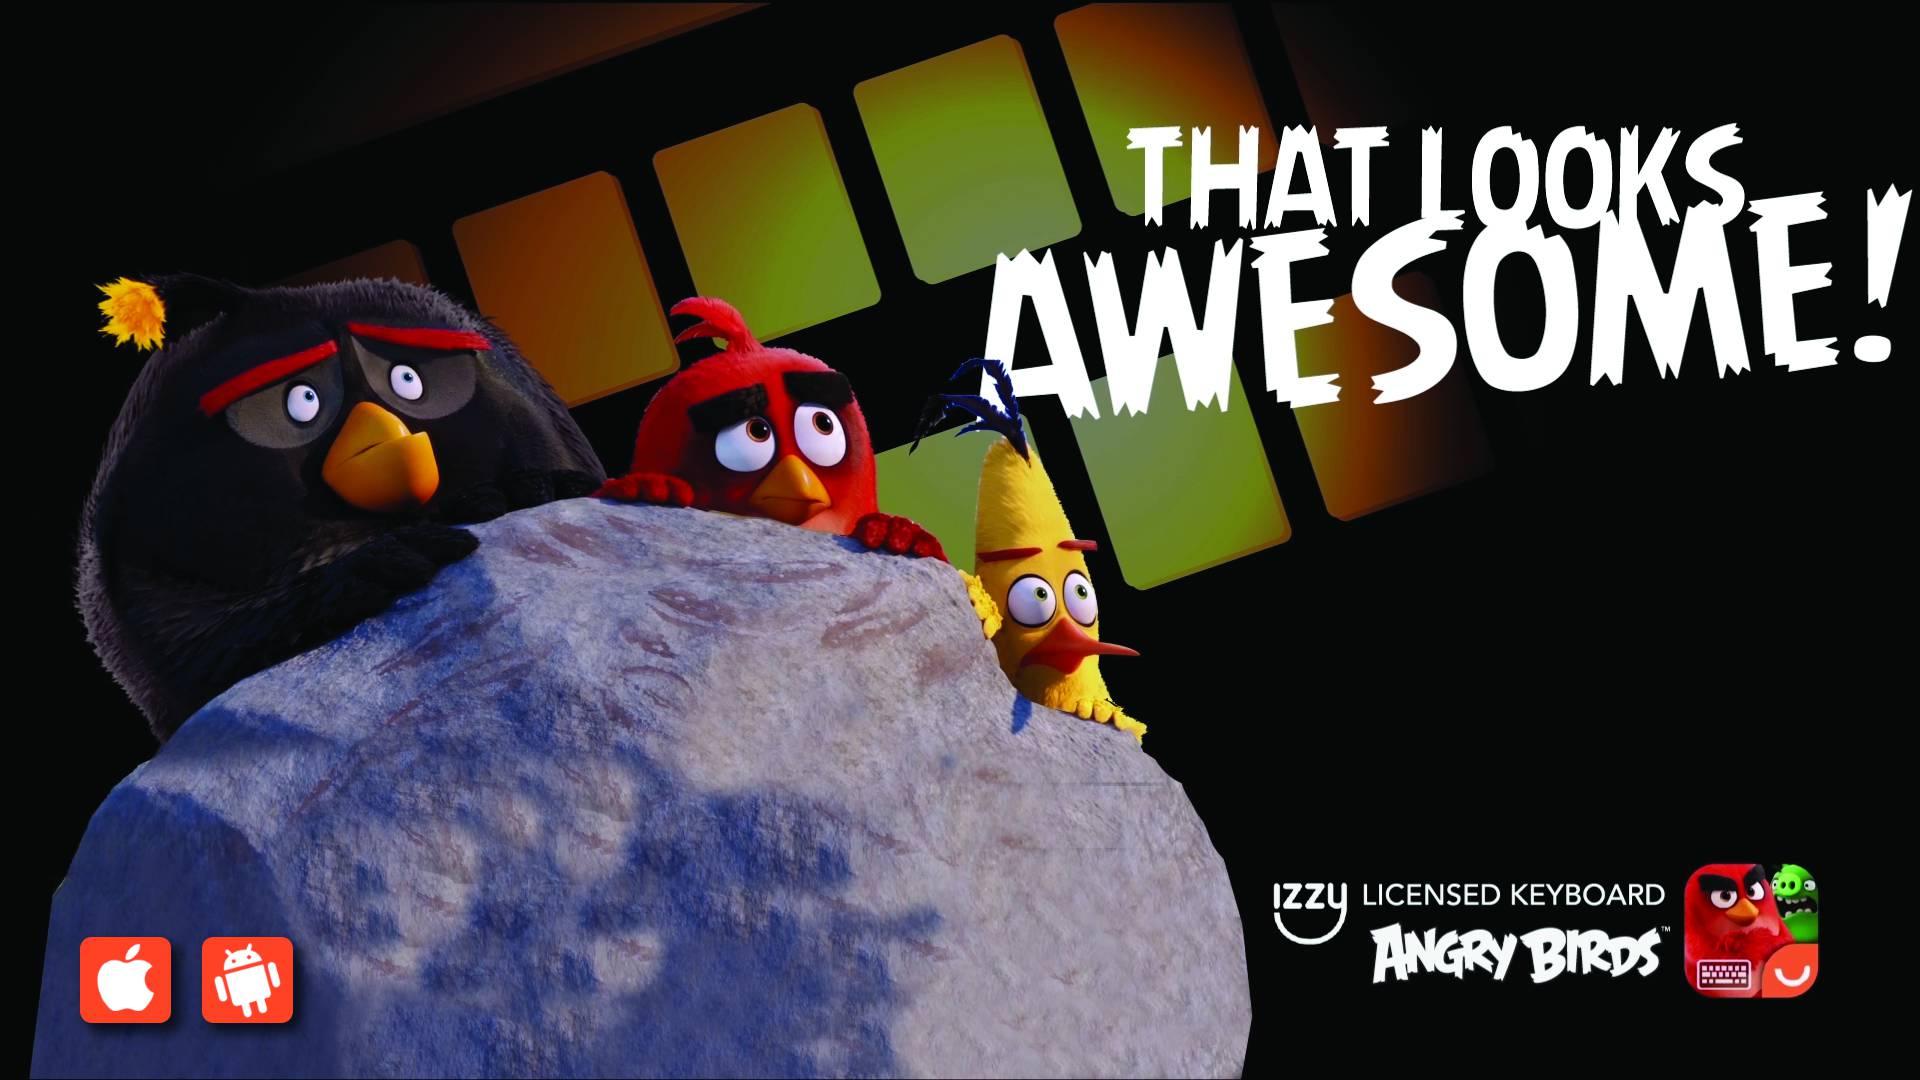 Hrvatski startup Izzy napravio je prvu Angry Birds tipkovnicu